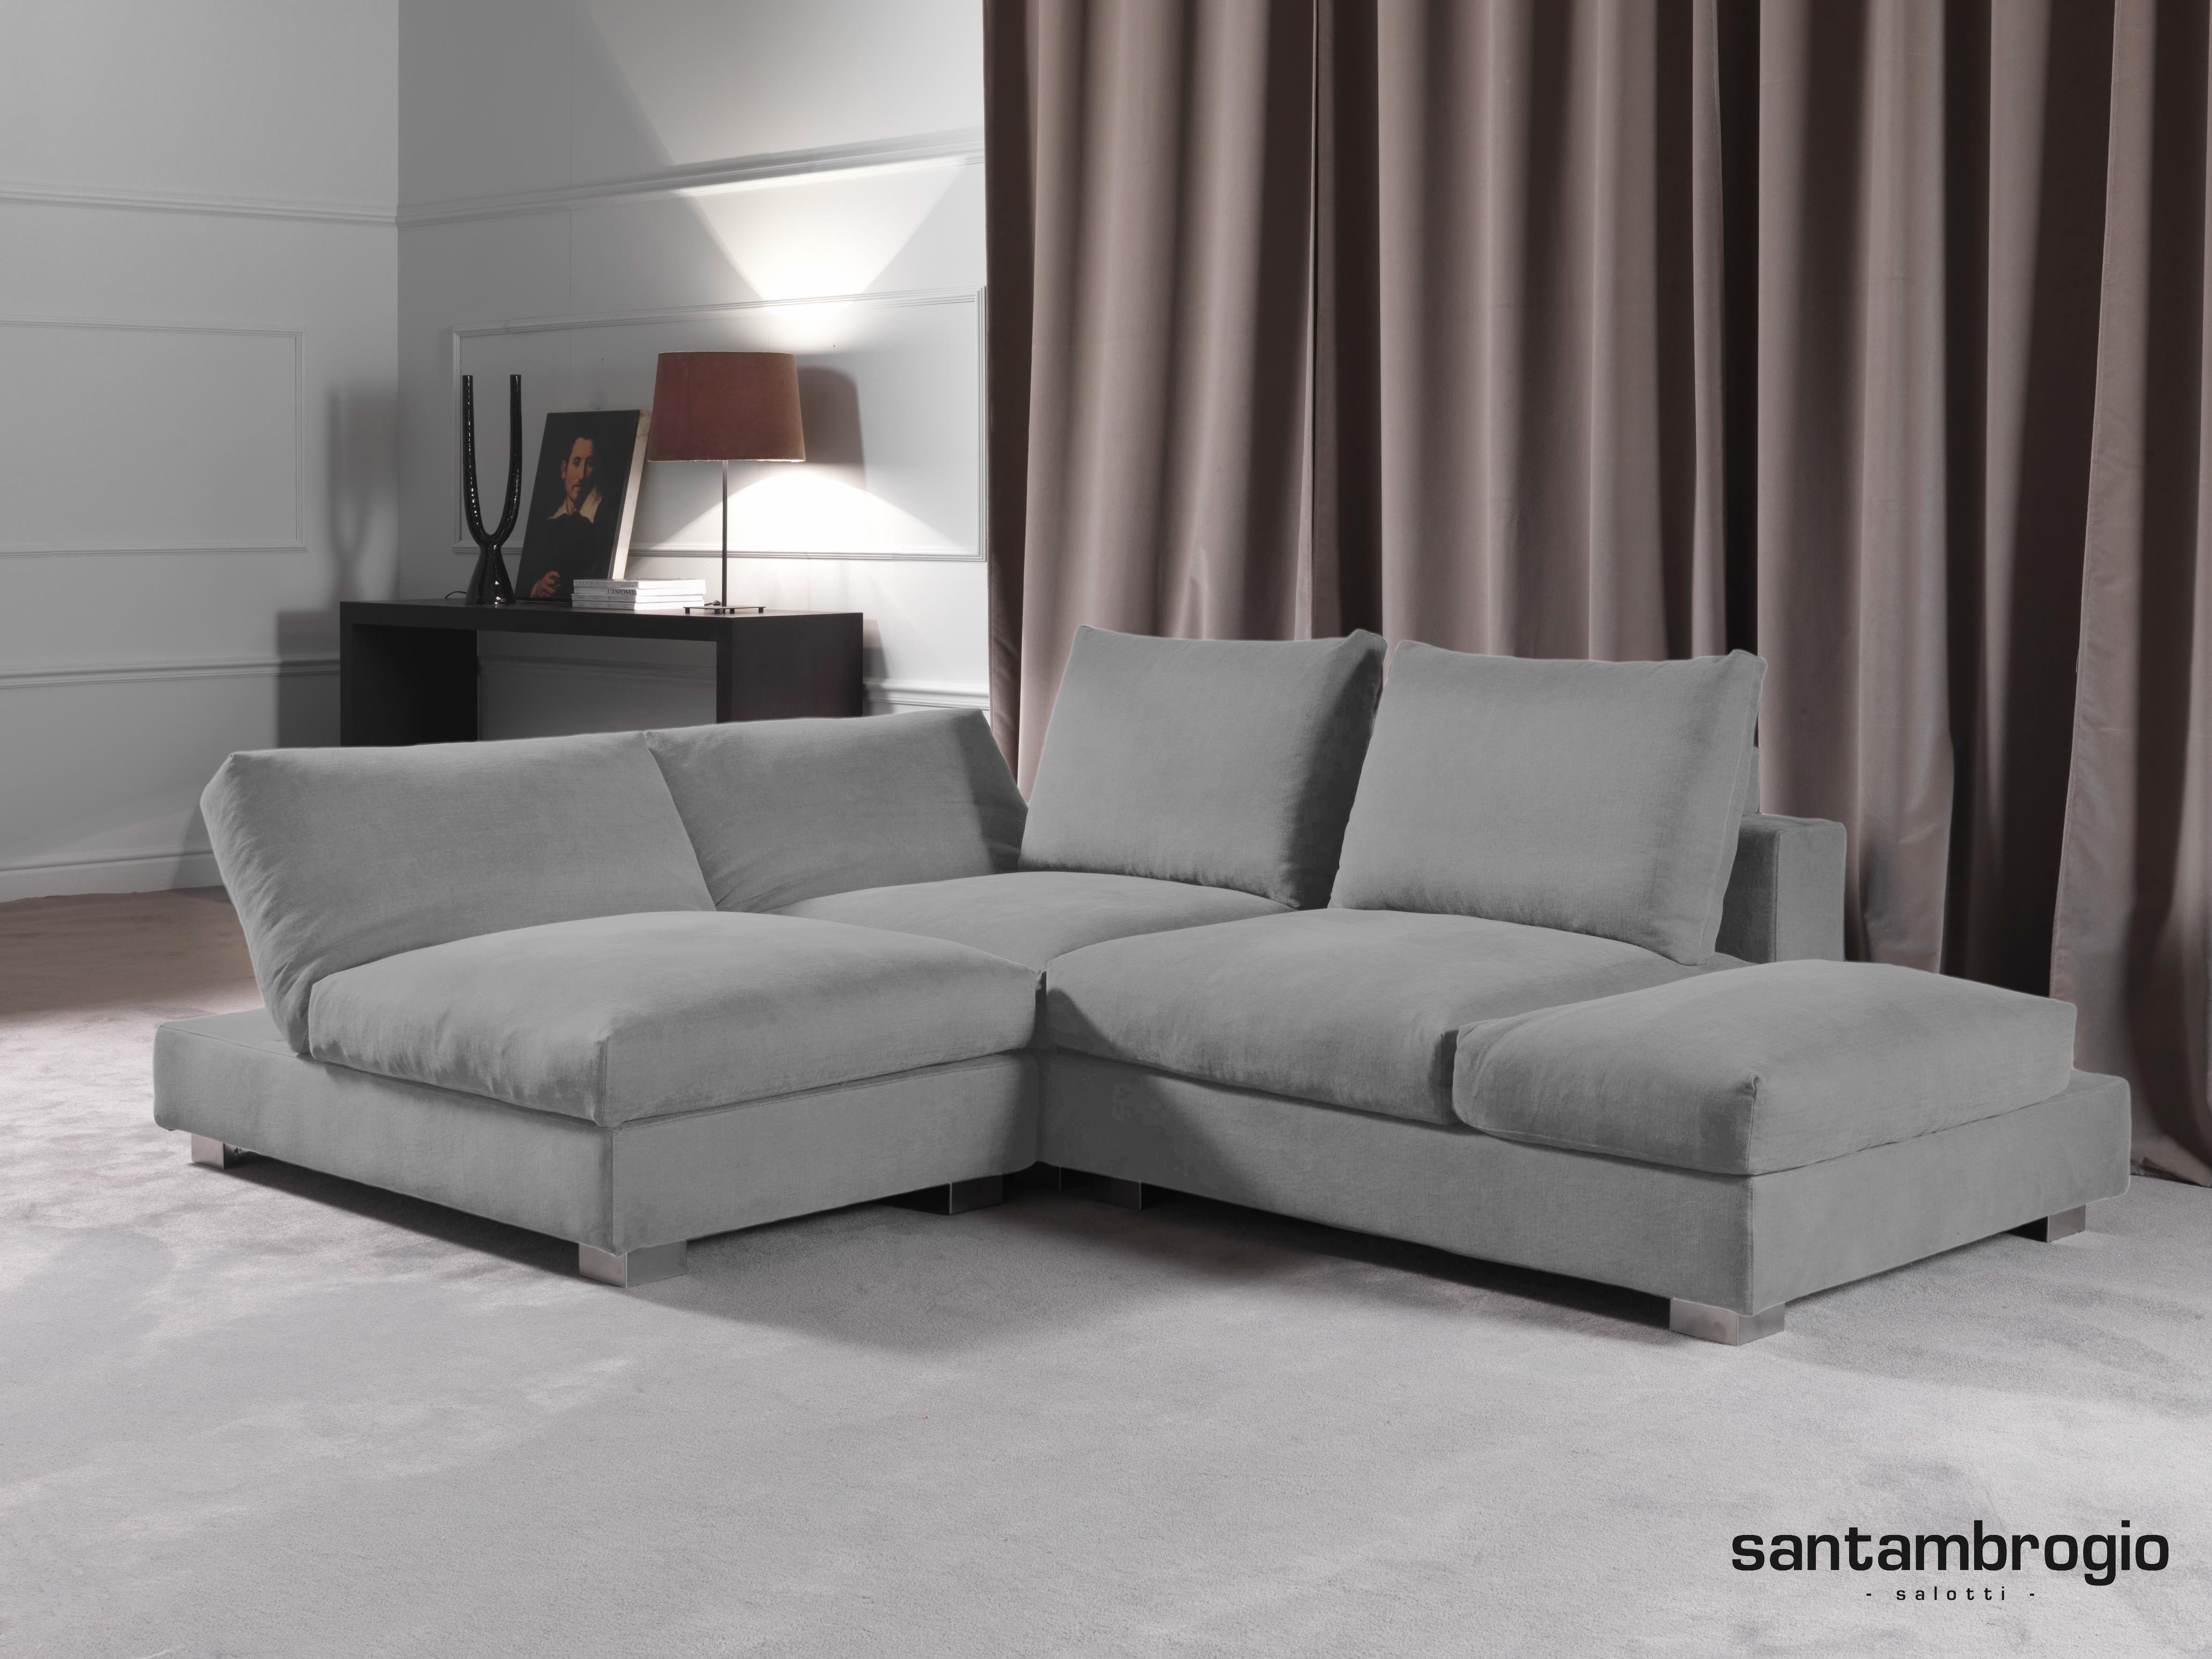 Divano angolare Lugano Colore grigio Produzione